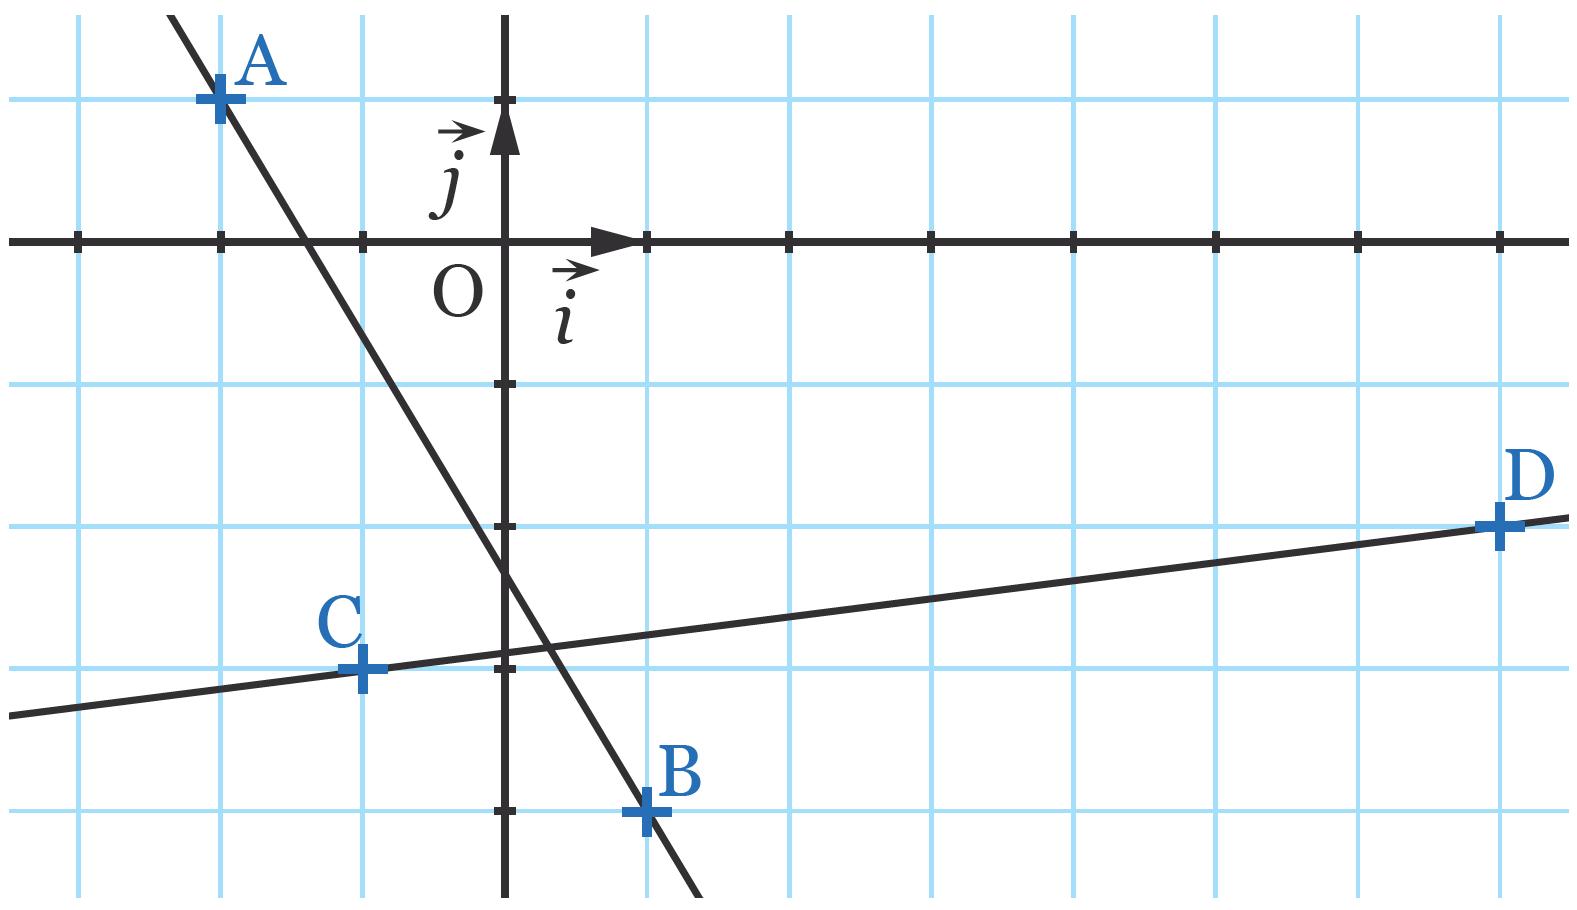 Coefficient directeur d'une droite